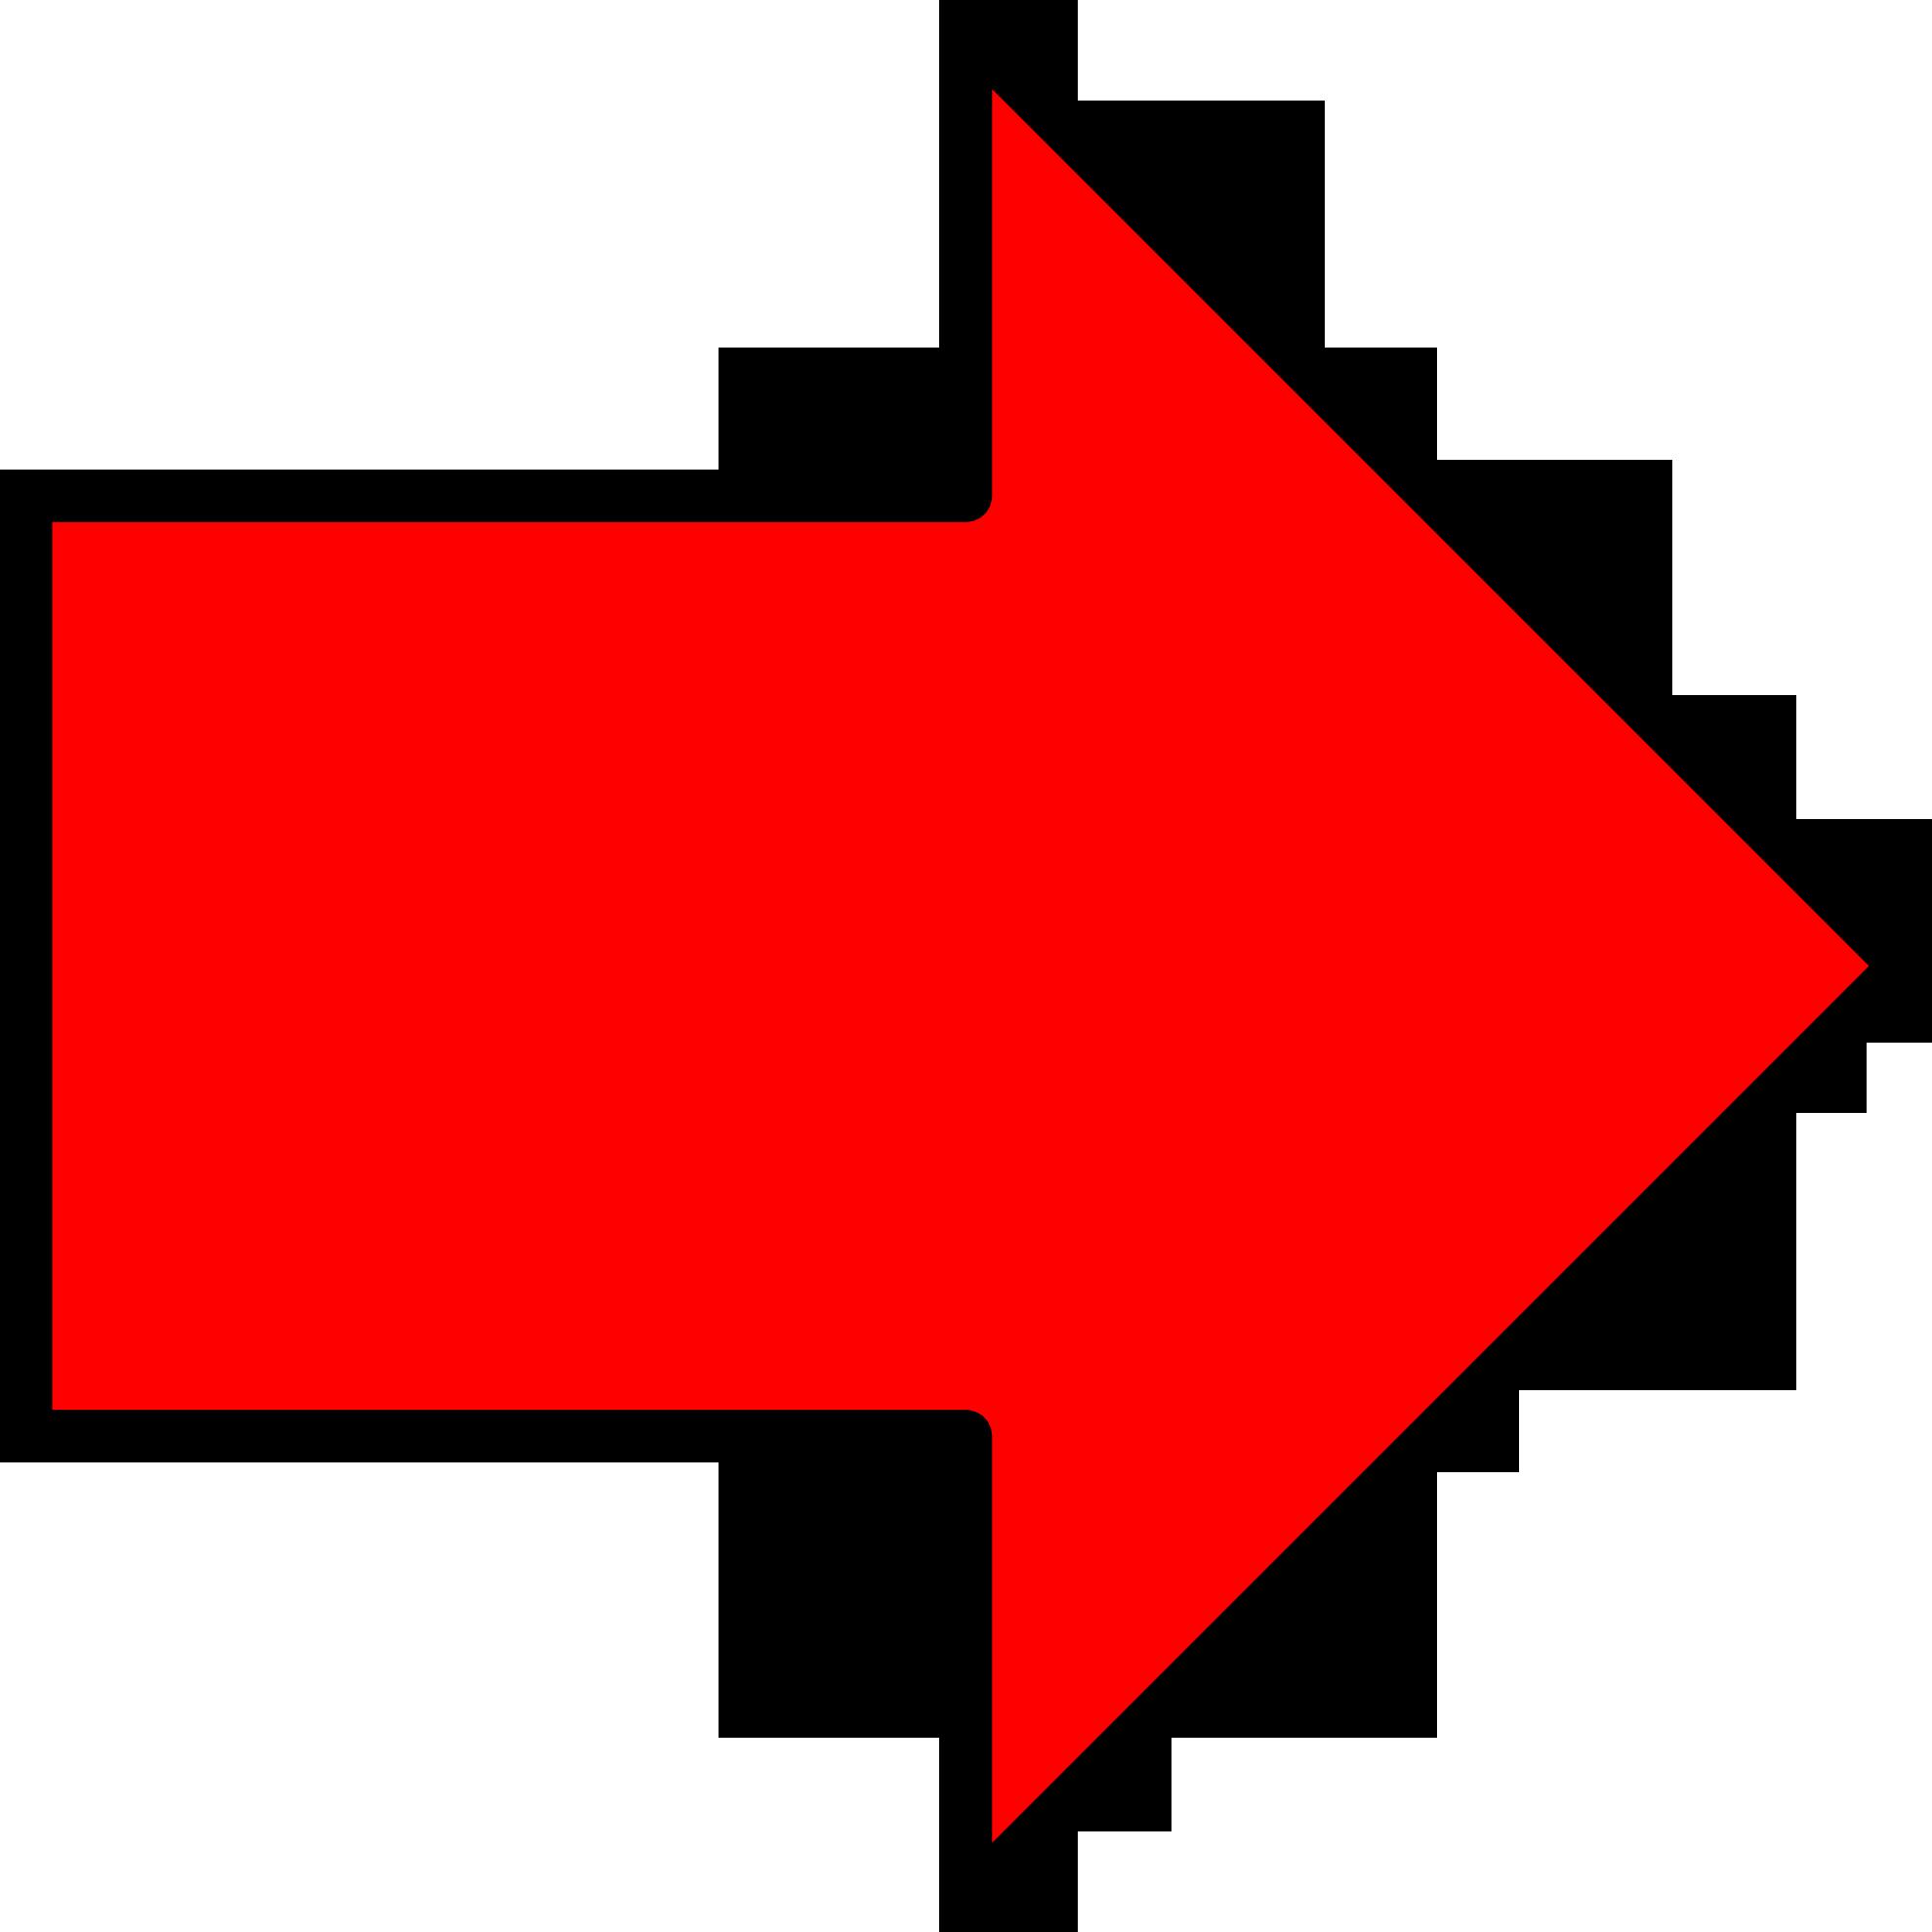 Картинки стрелок красных